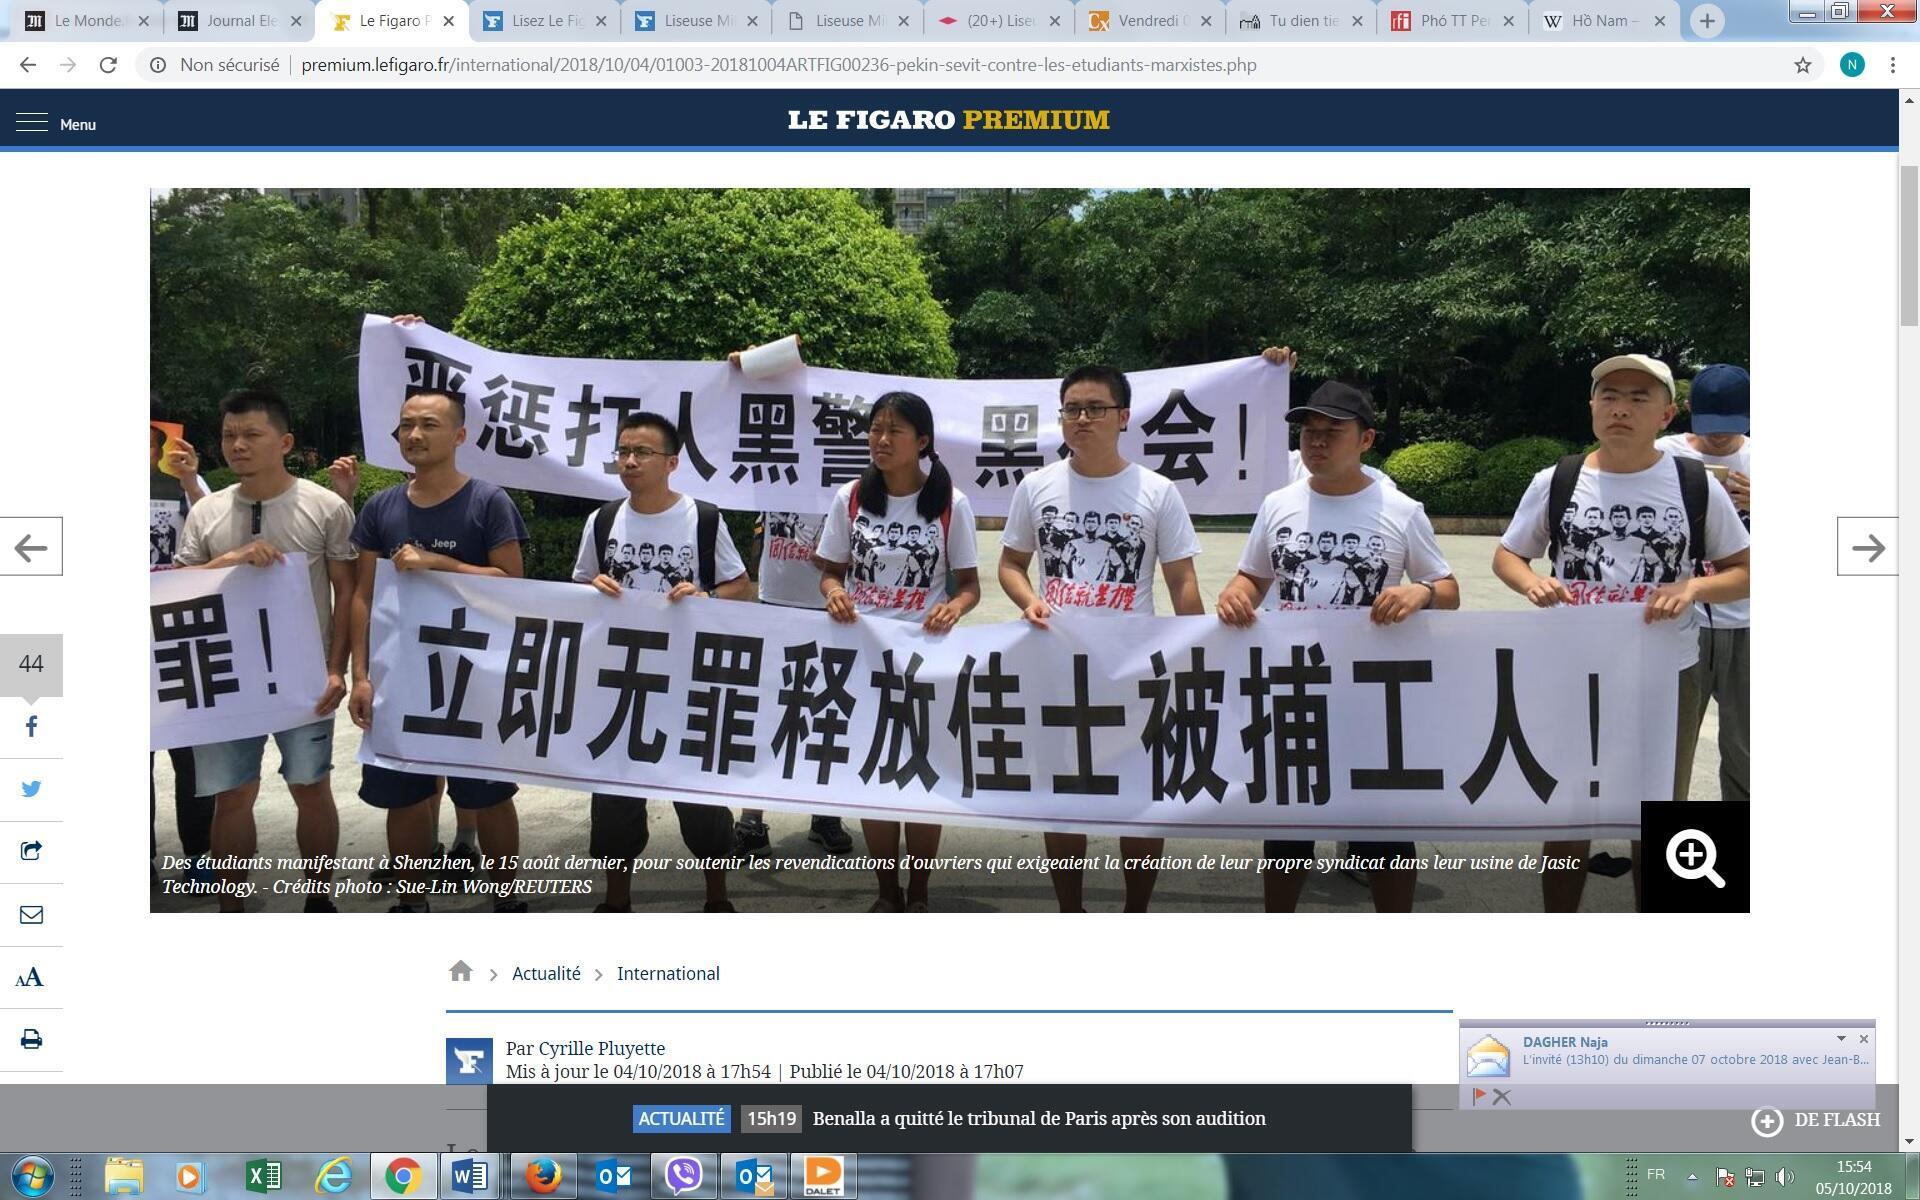 Nhiều sinh viên trường đại học Bắc Kinh đến ủng hộ cuộc biểu tình của công nhân nhà máy Jasic đòi lập công đoàn riêng ngày 15/08/2018.